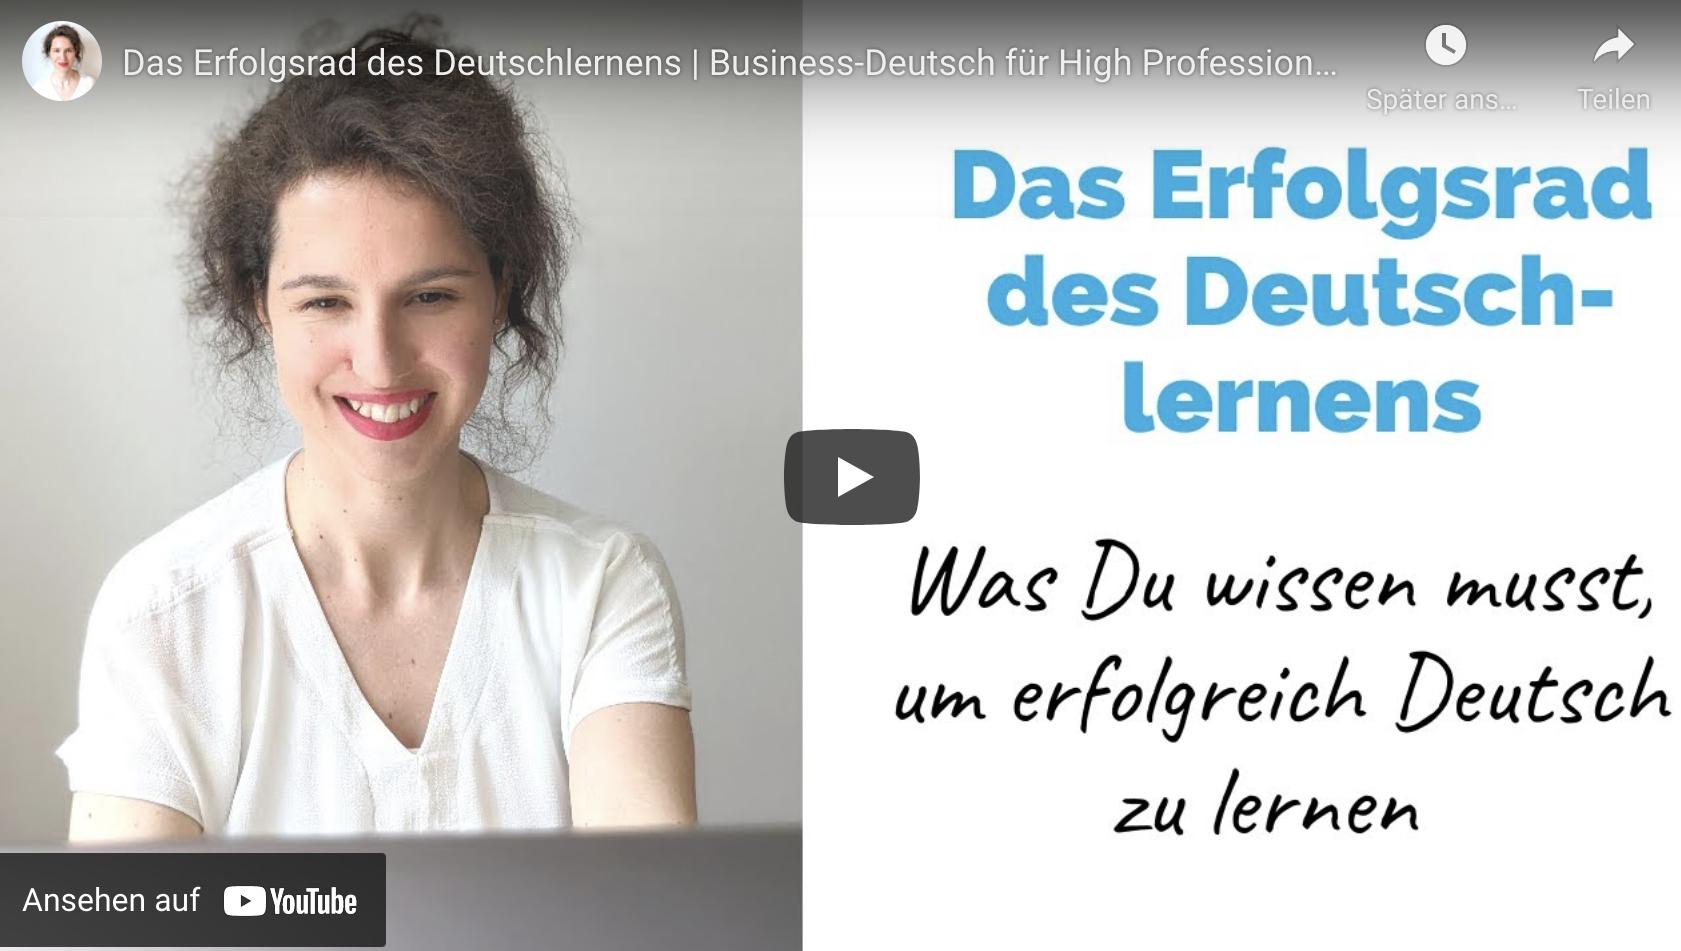 Das Erfolgsrad des Deutschlernens